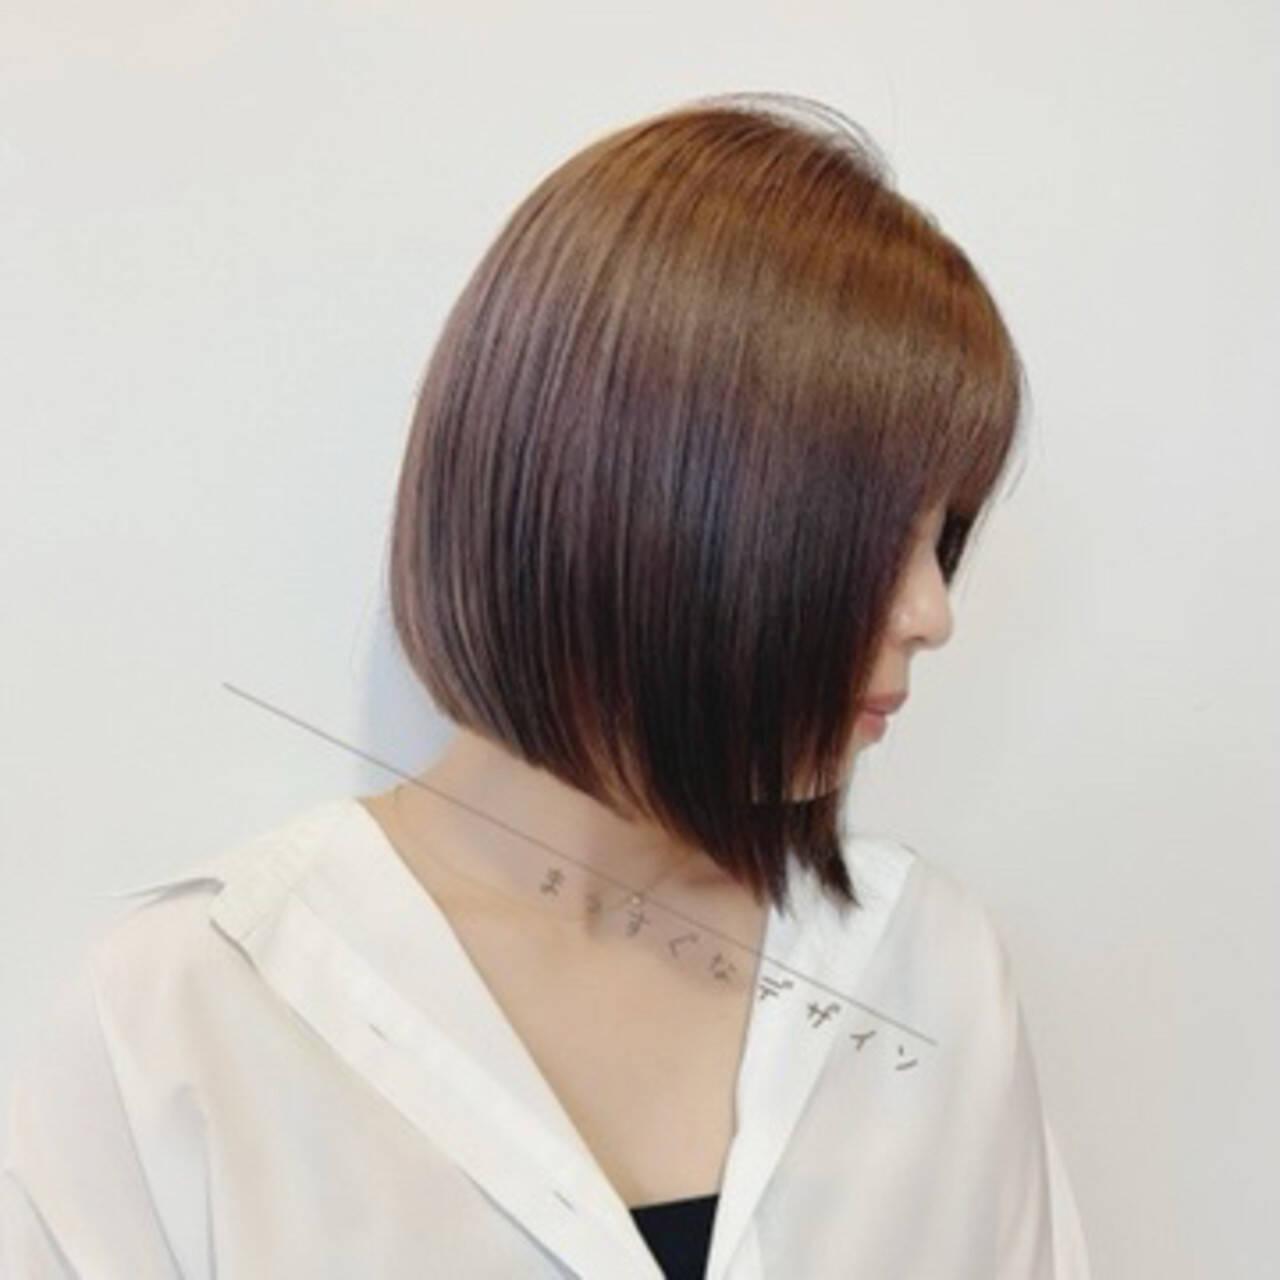 ショートボブ 大人かわいい ショートヘア ボブヘアスタイルや髪型の写真・画像